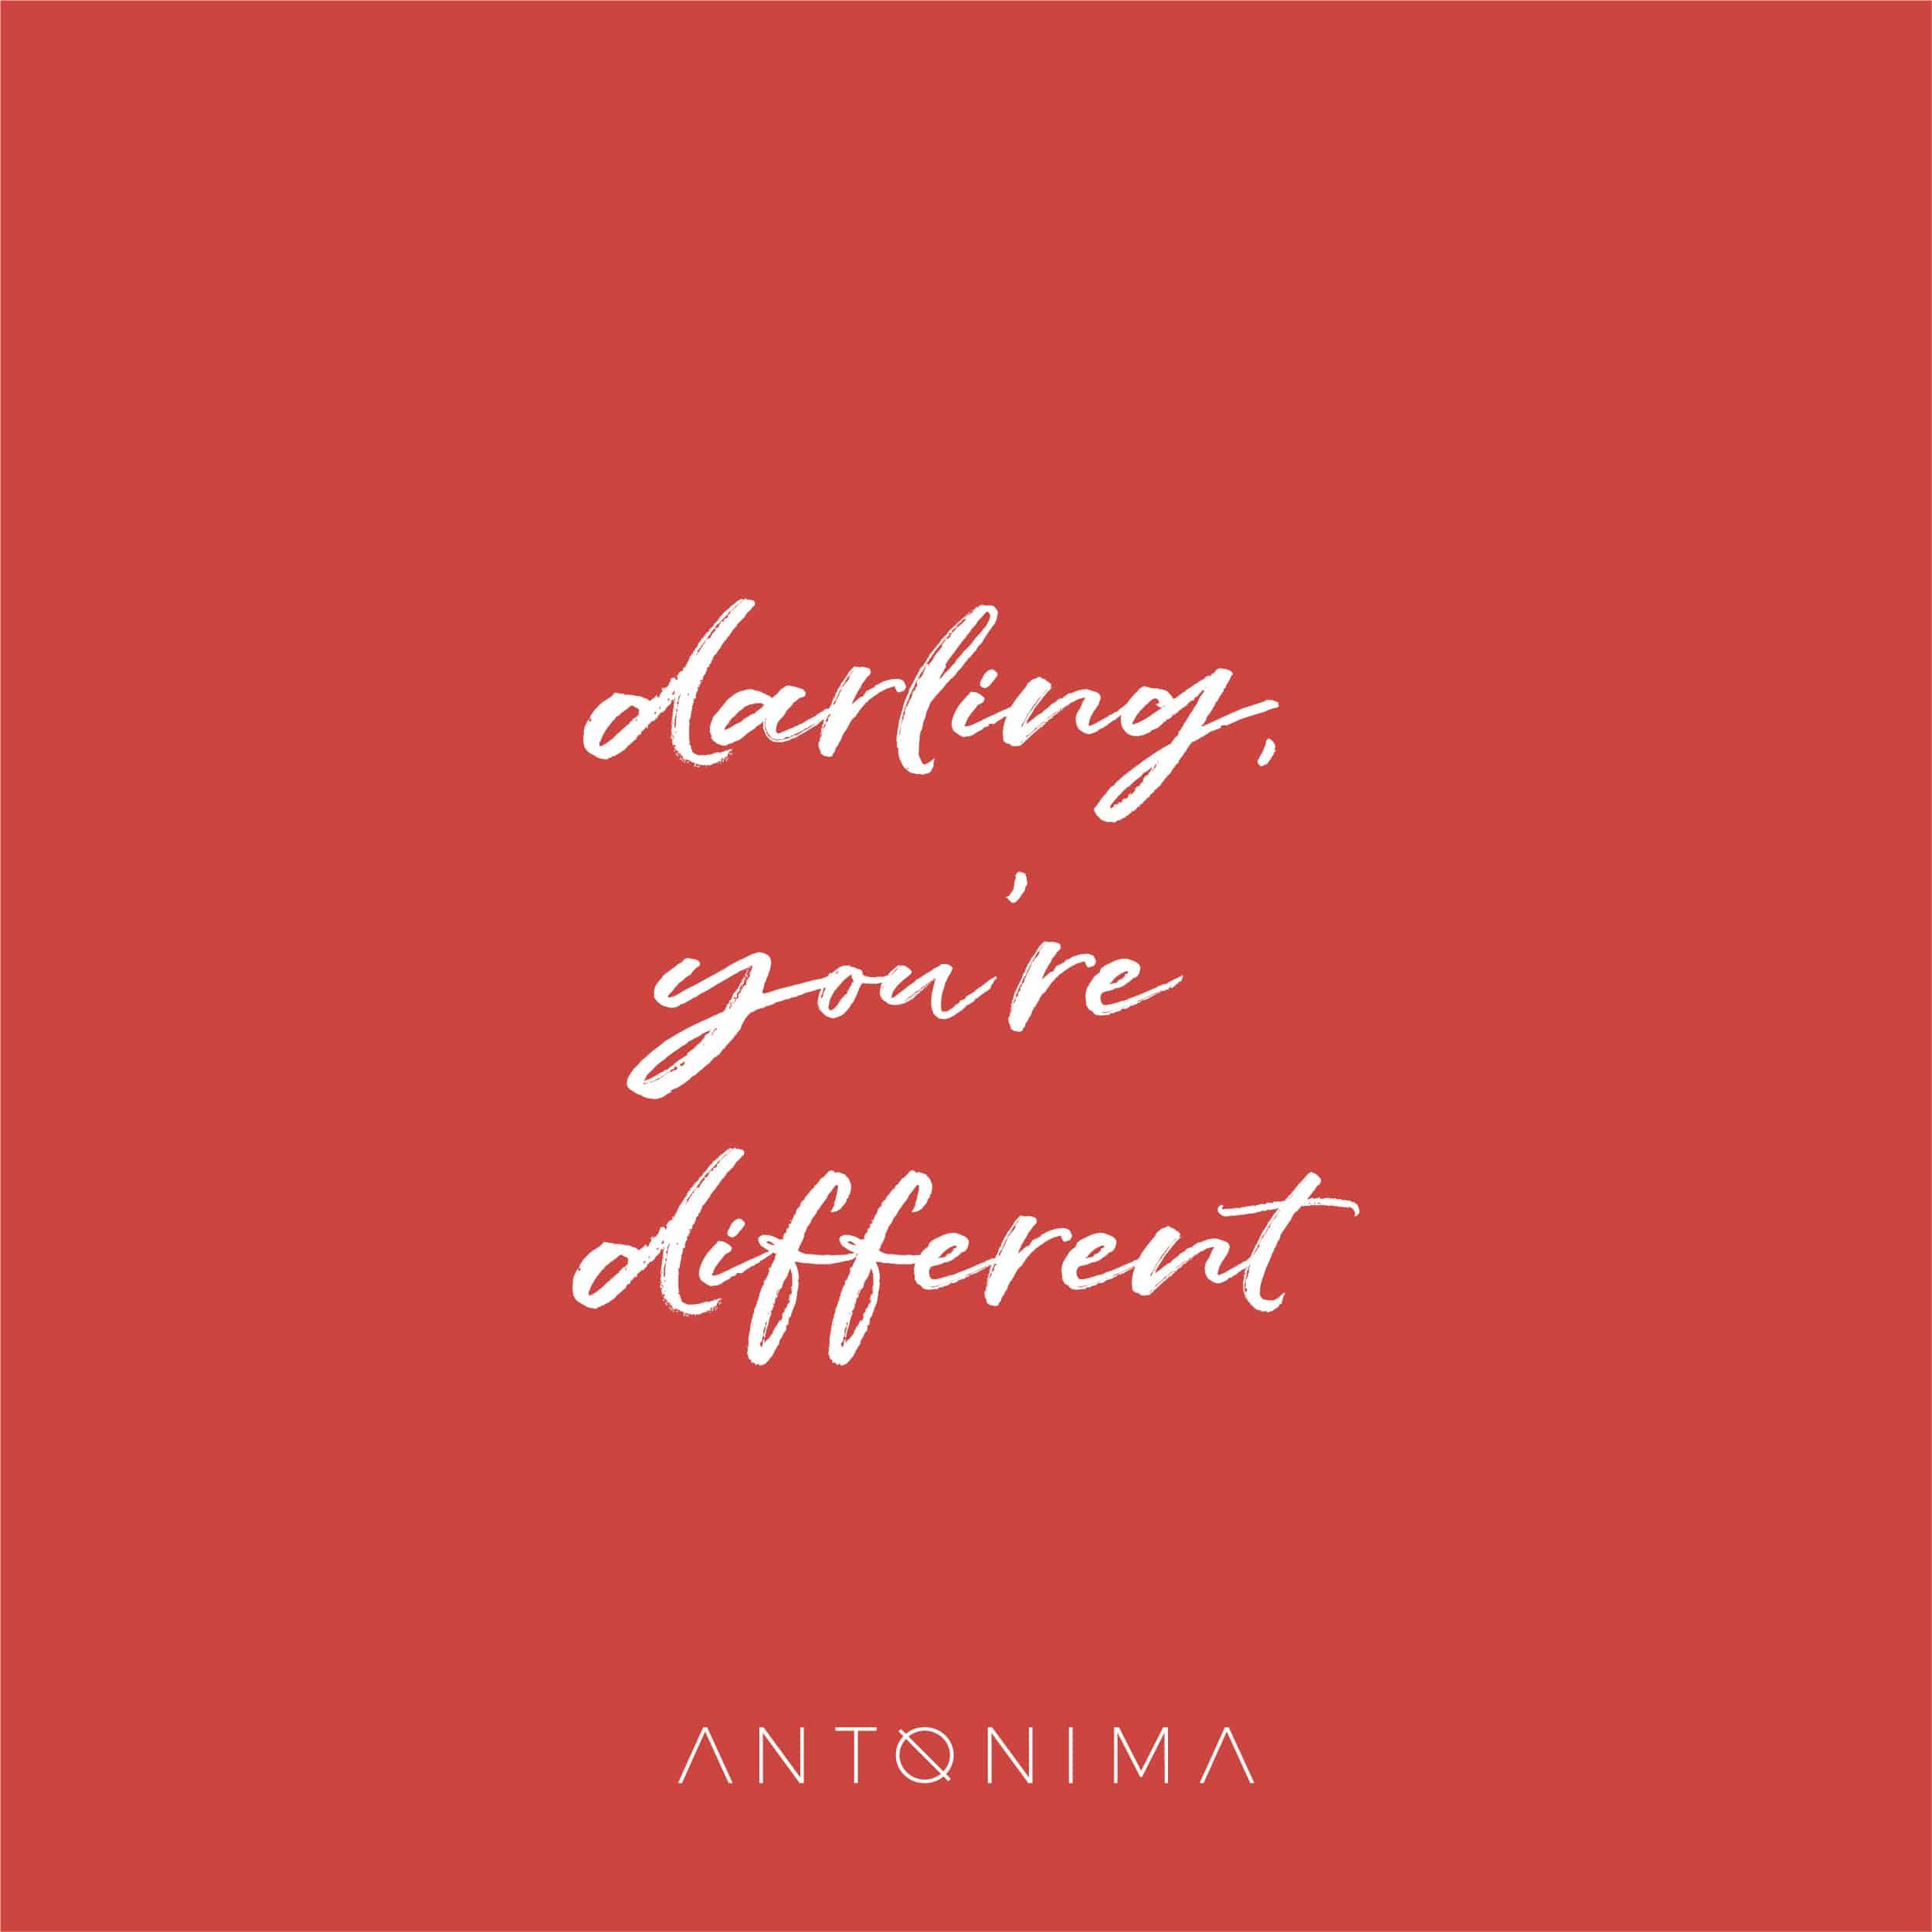 Antonima-04